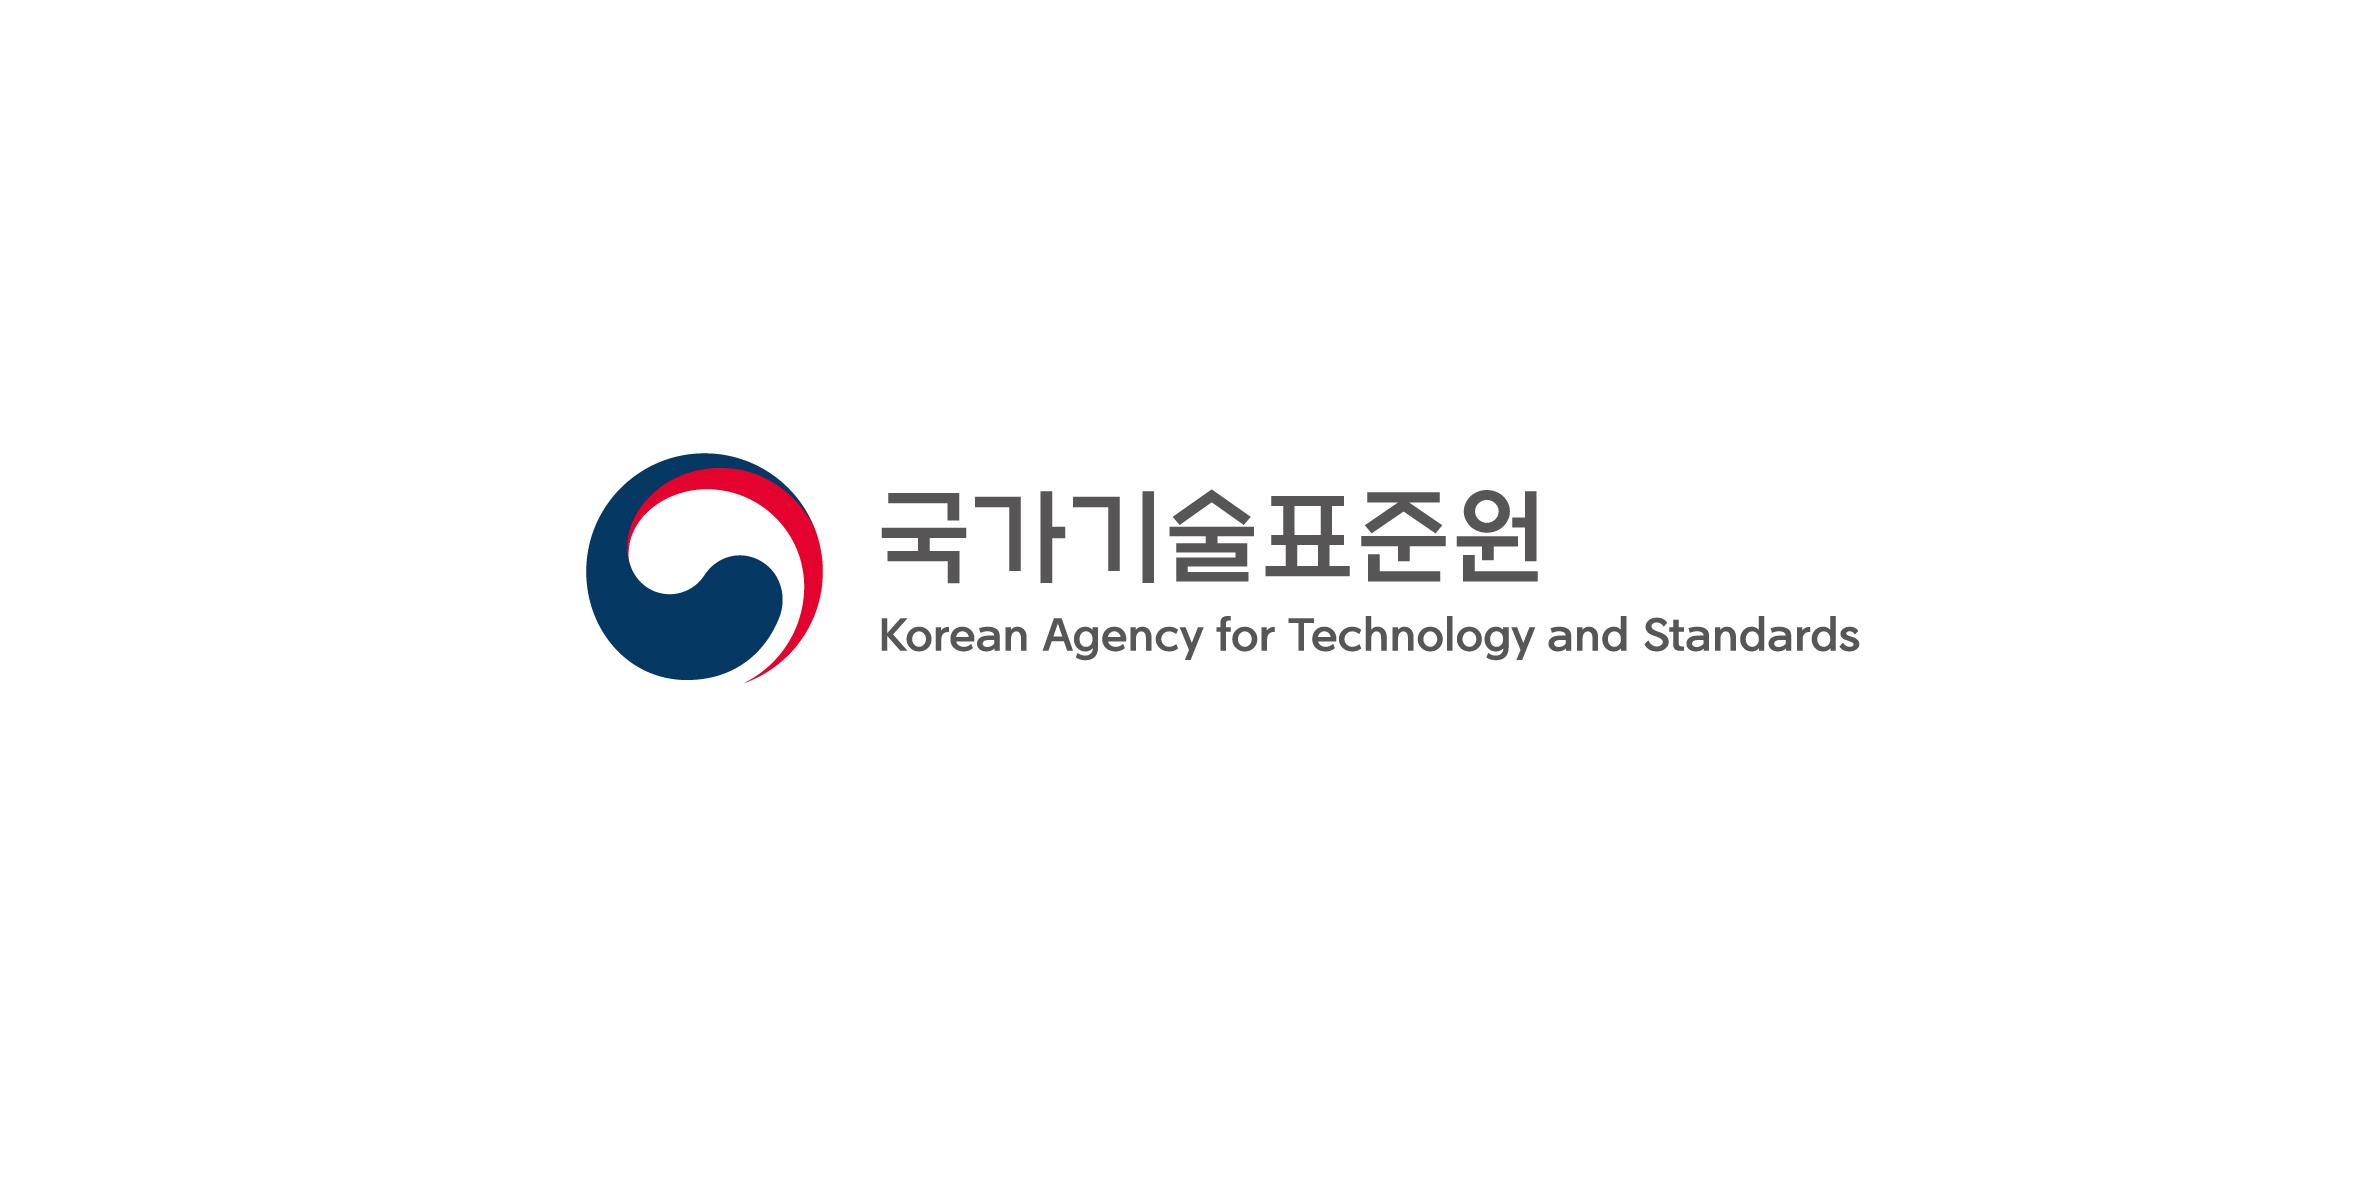 국표원, ESS시스템 안전성 확보 기술 국제표준화 착수